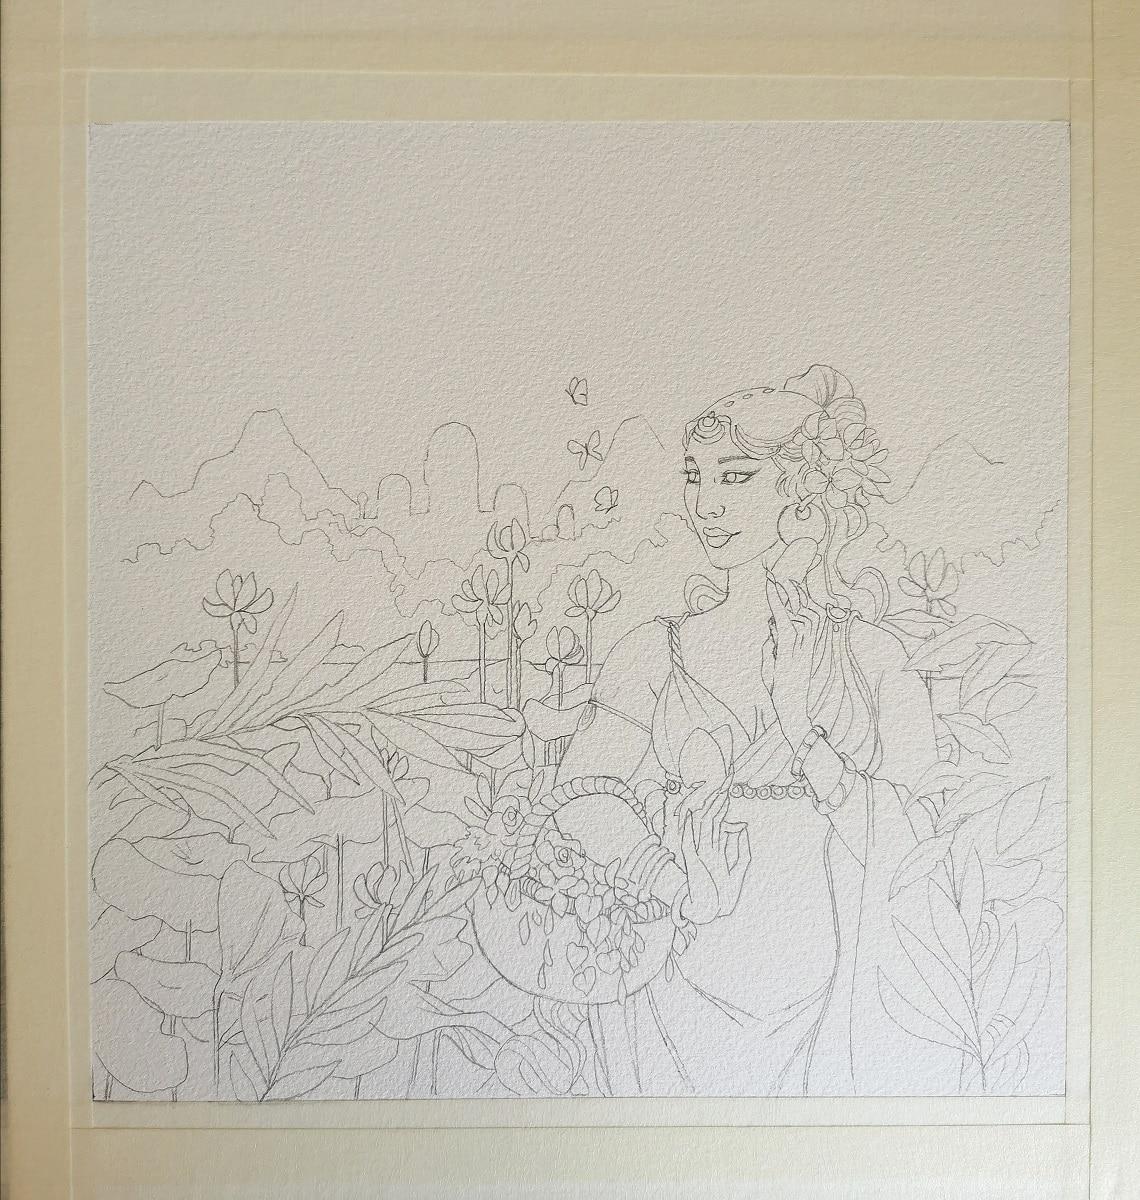 L'esprit de l'été - dessin sur papier aquarelle